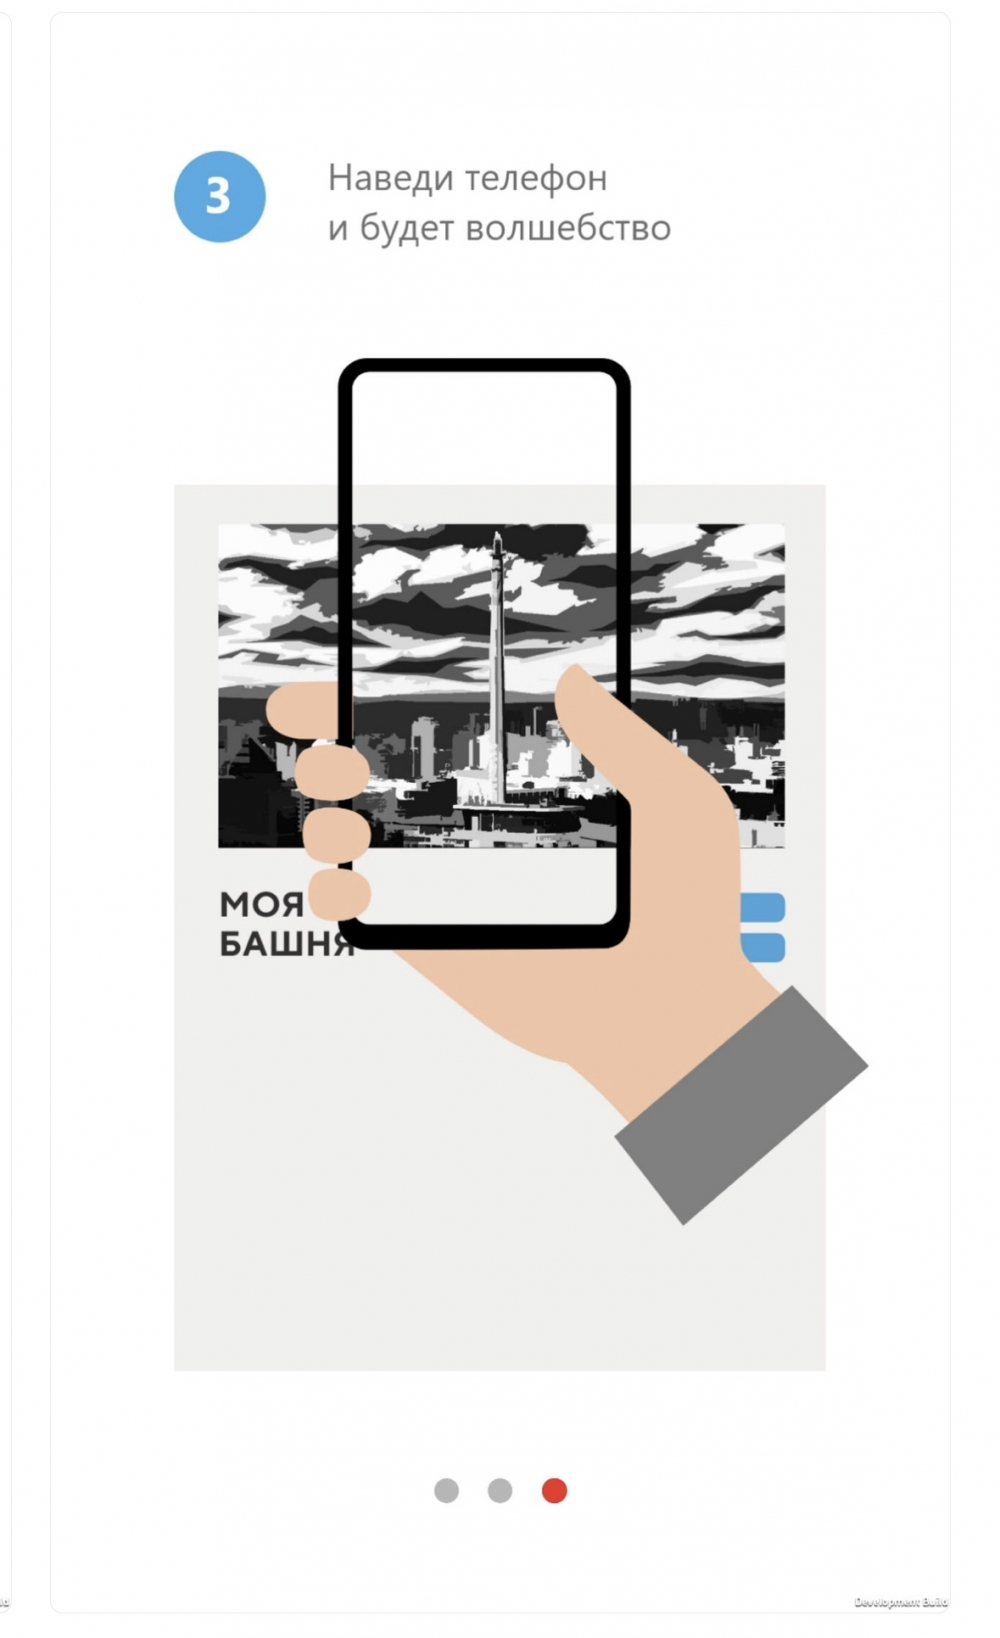 Скриншот приложения «Моя башня»